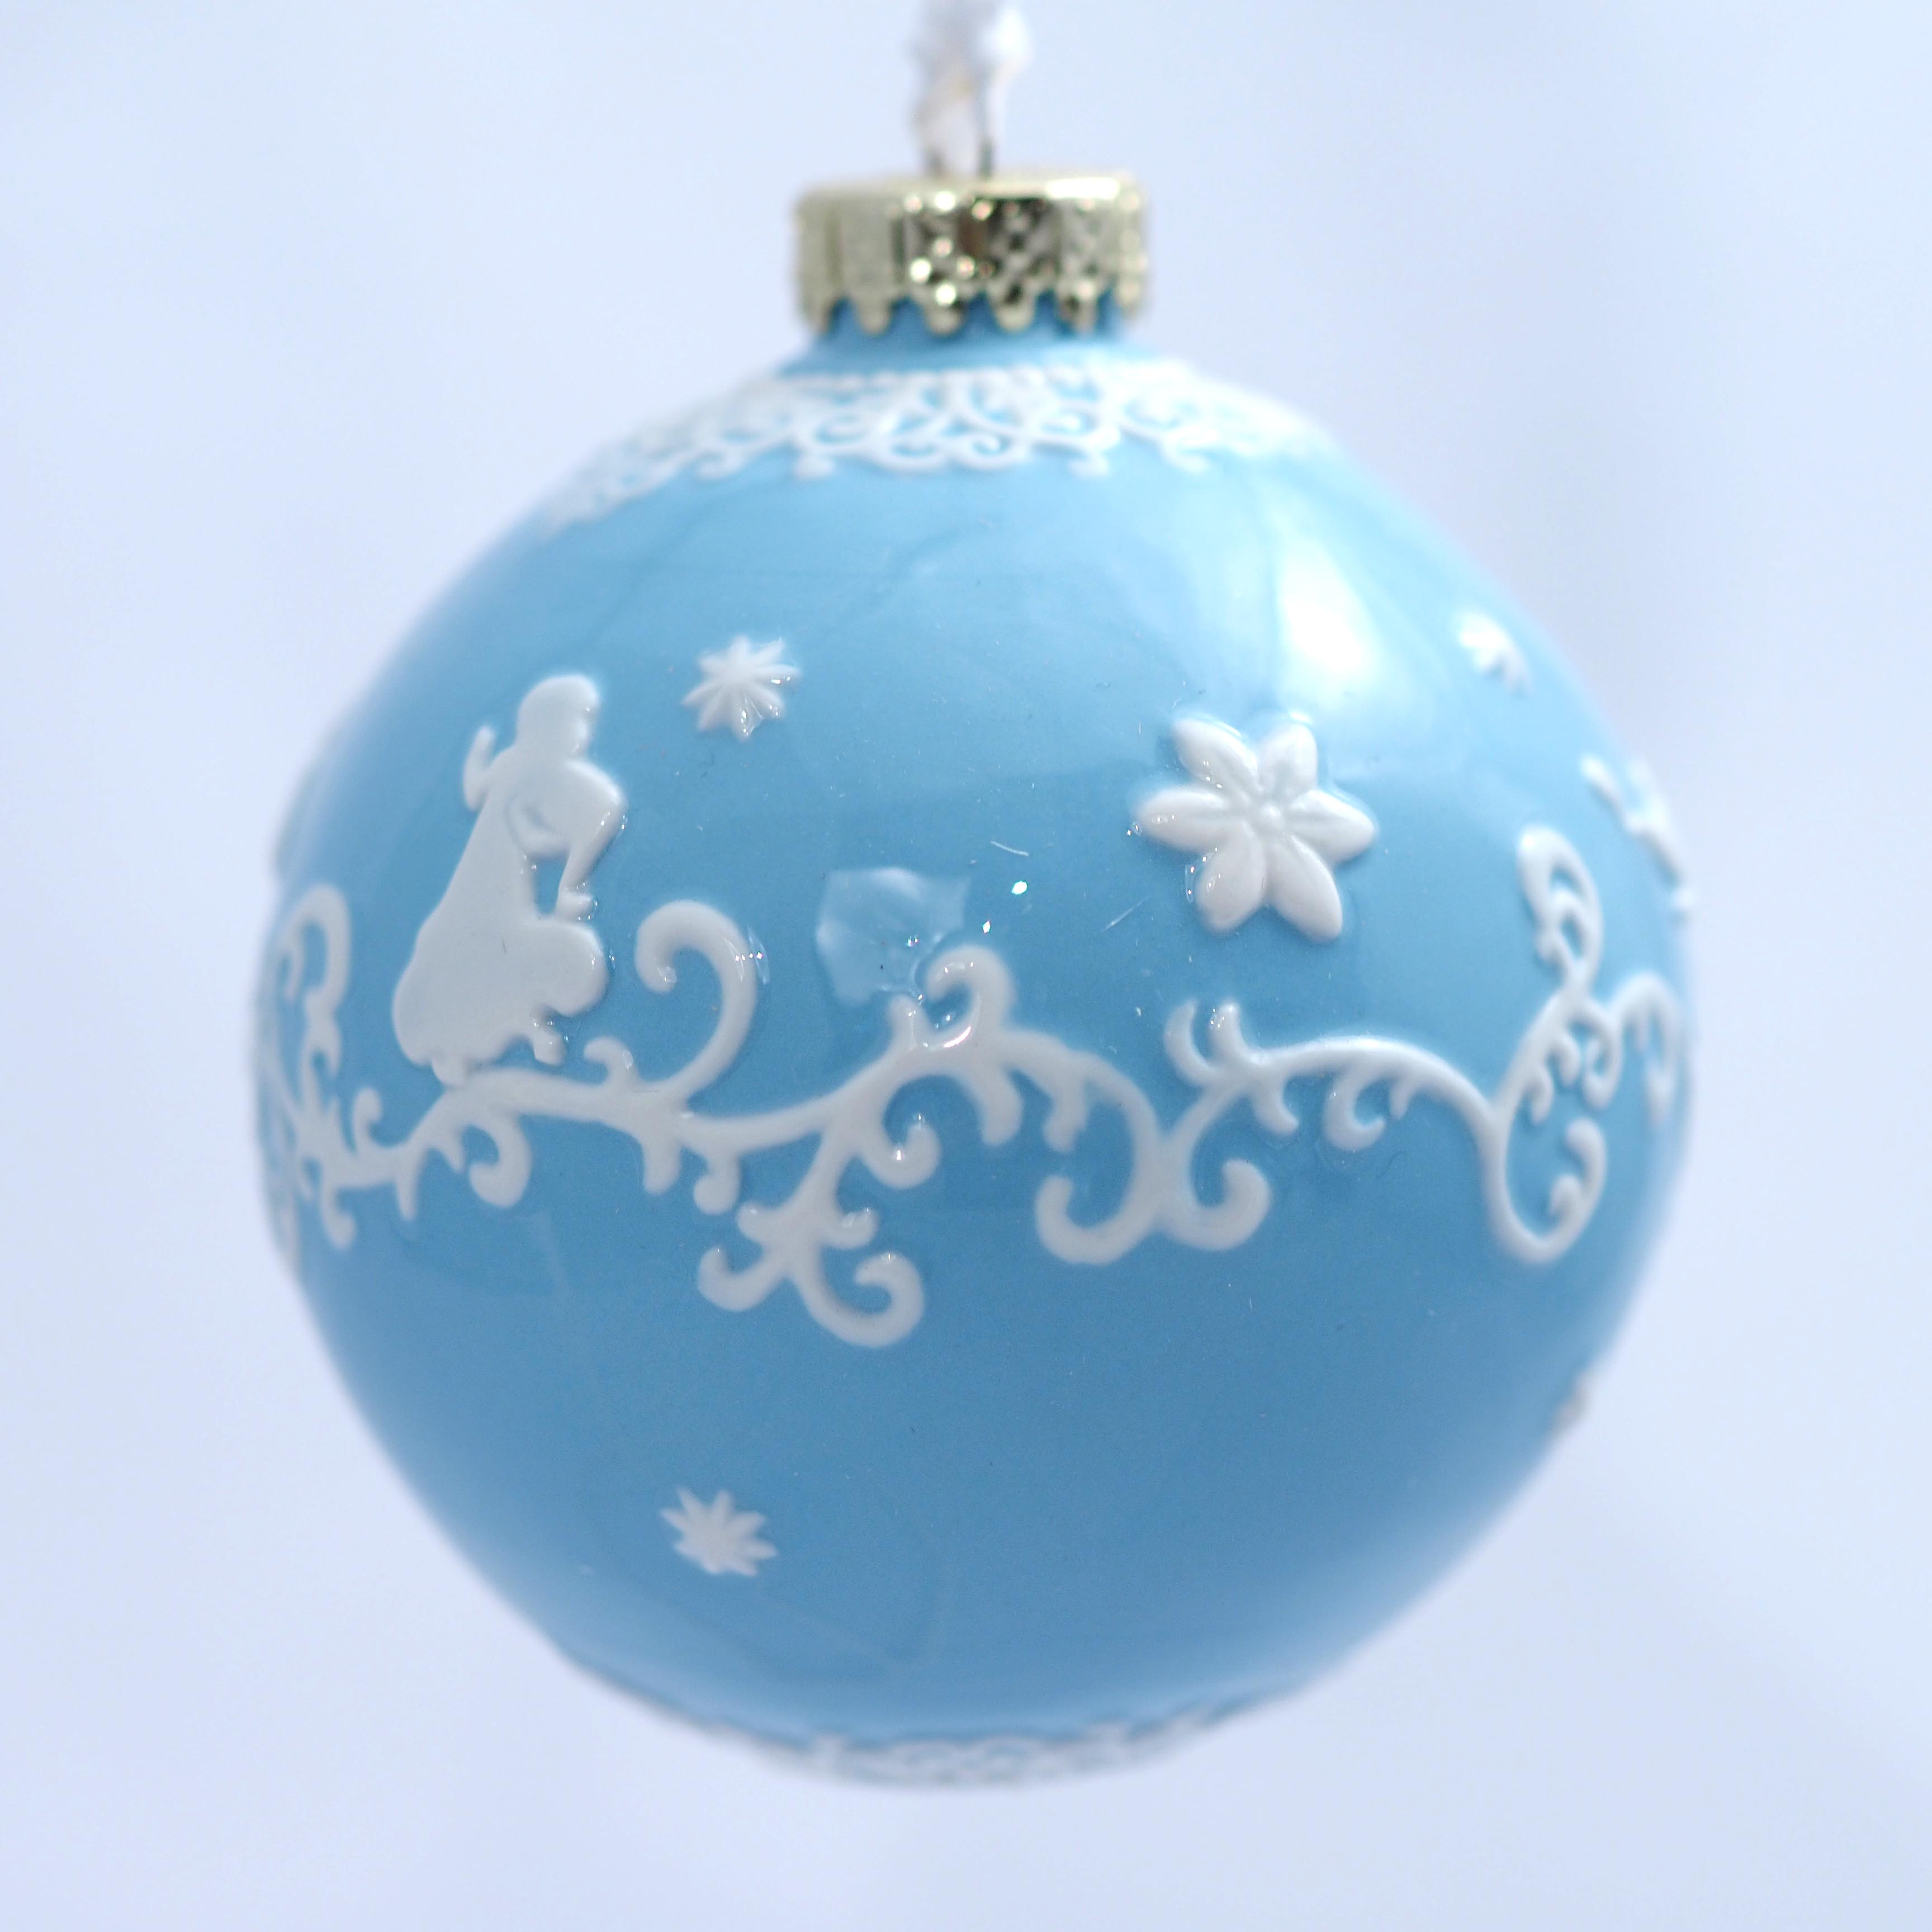 ELDPXO14302 Jasmine White Ornament